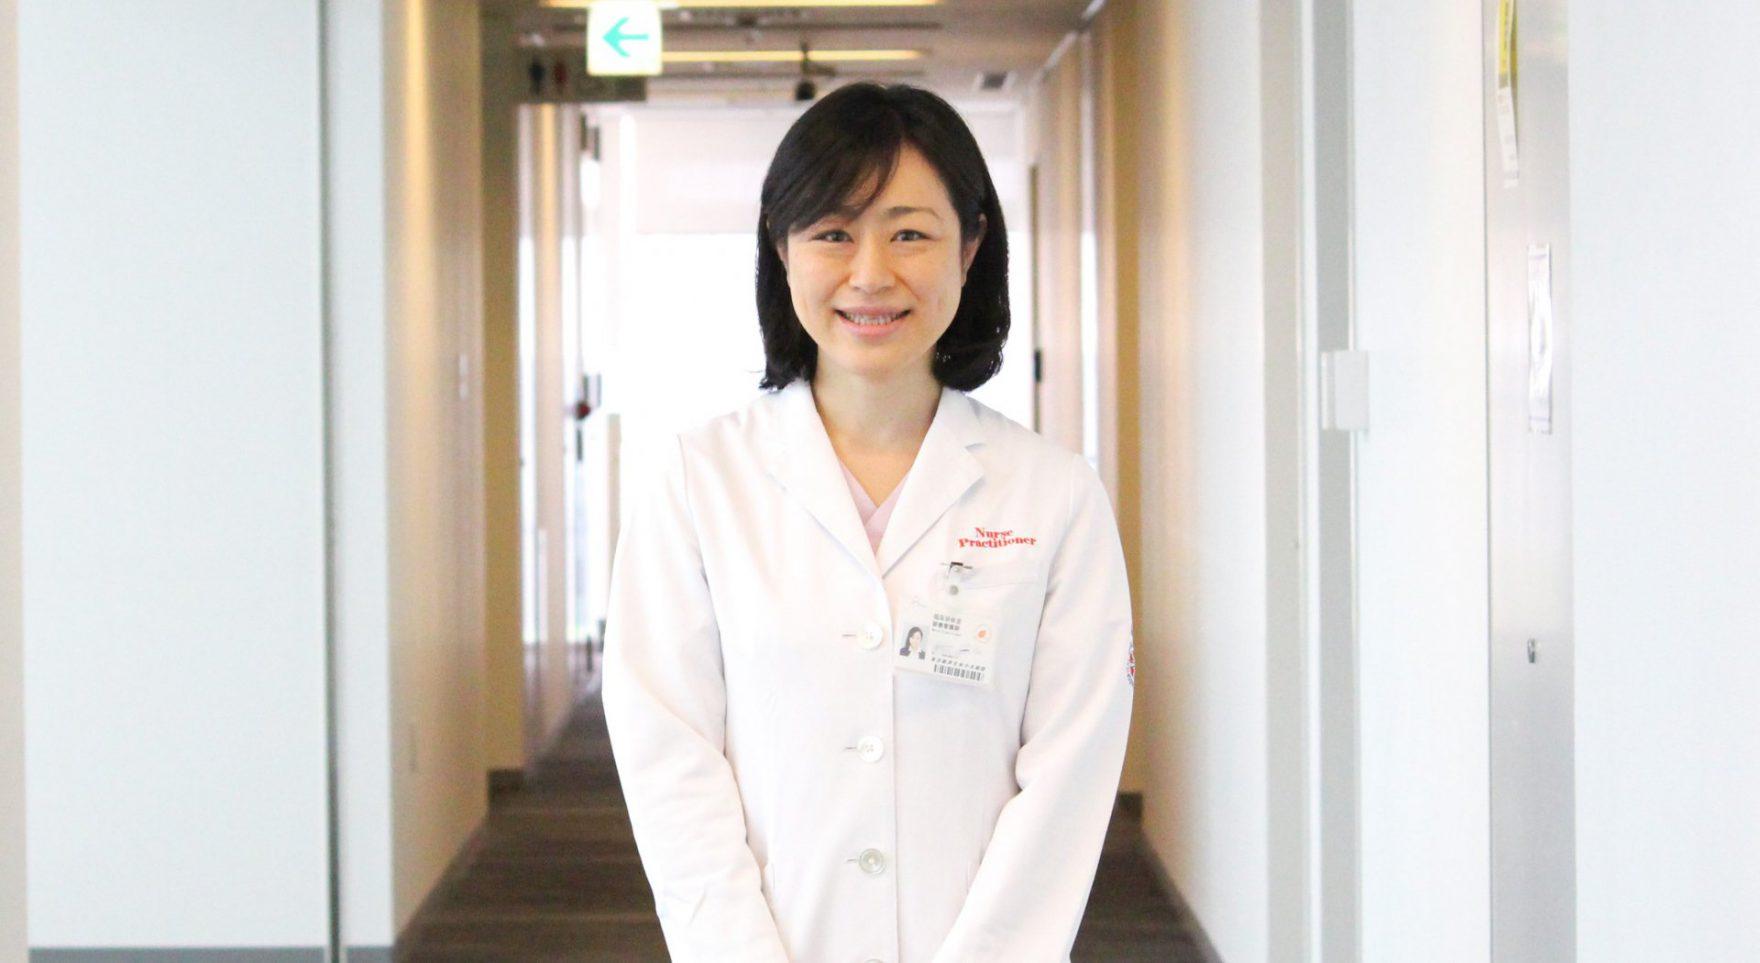 インタビュー/わたしの仕事   東京都済生会中央病院